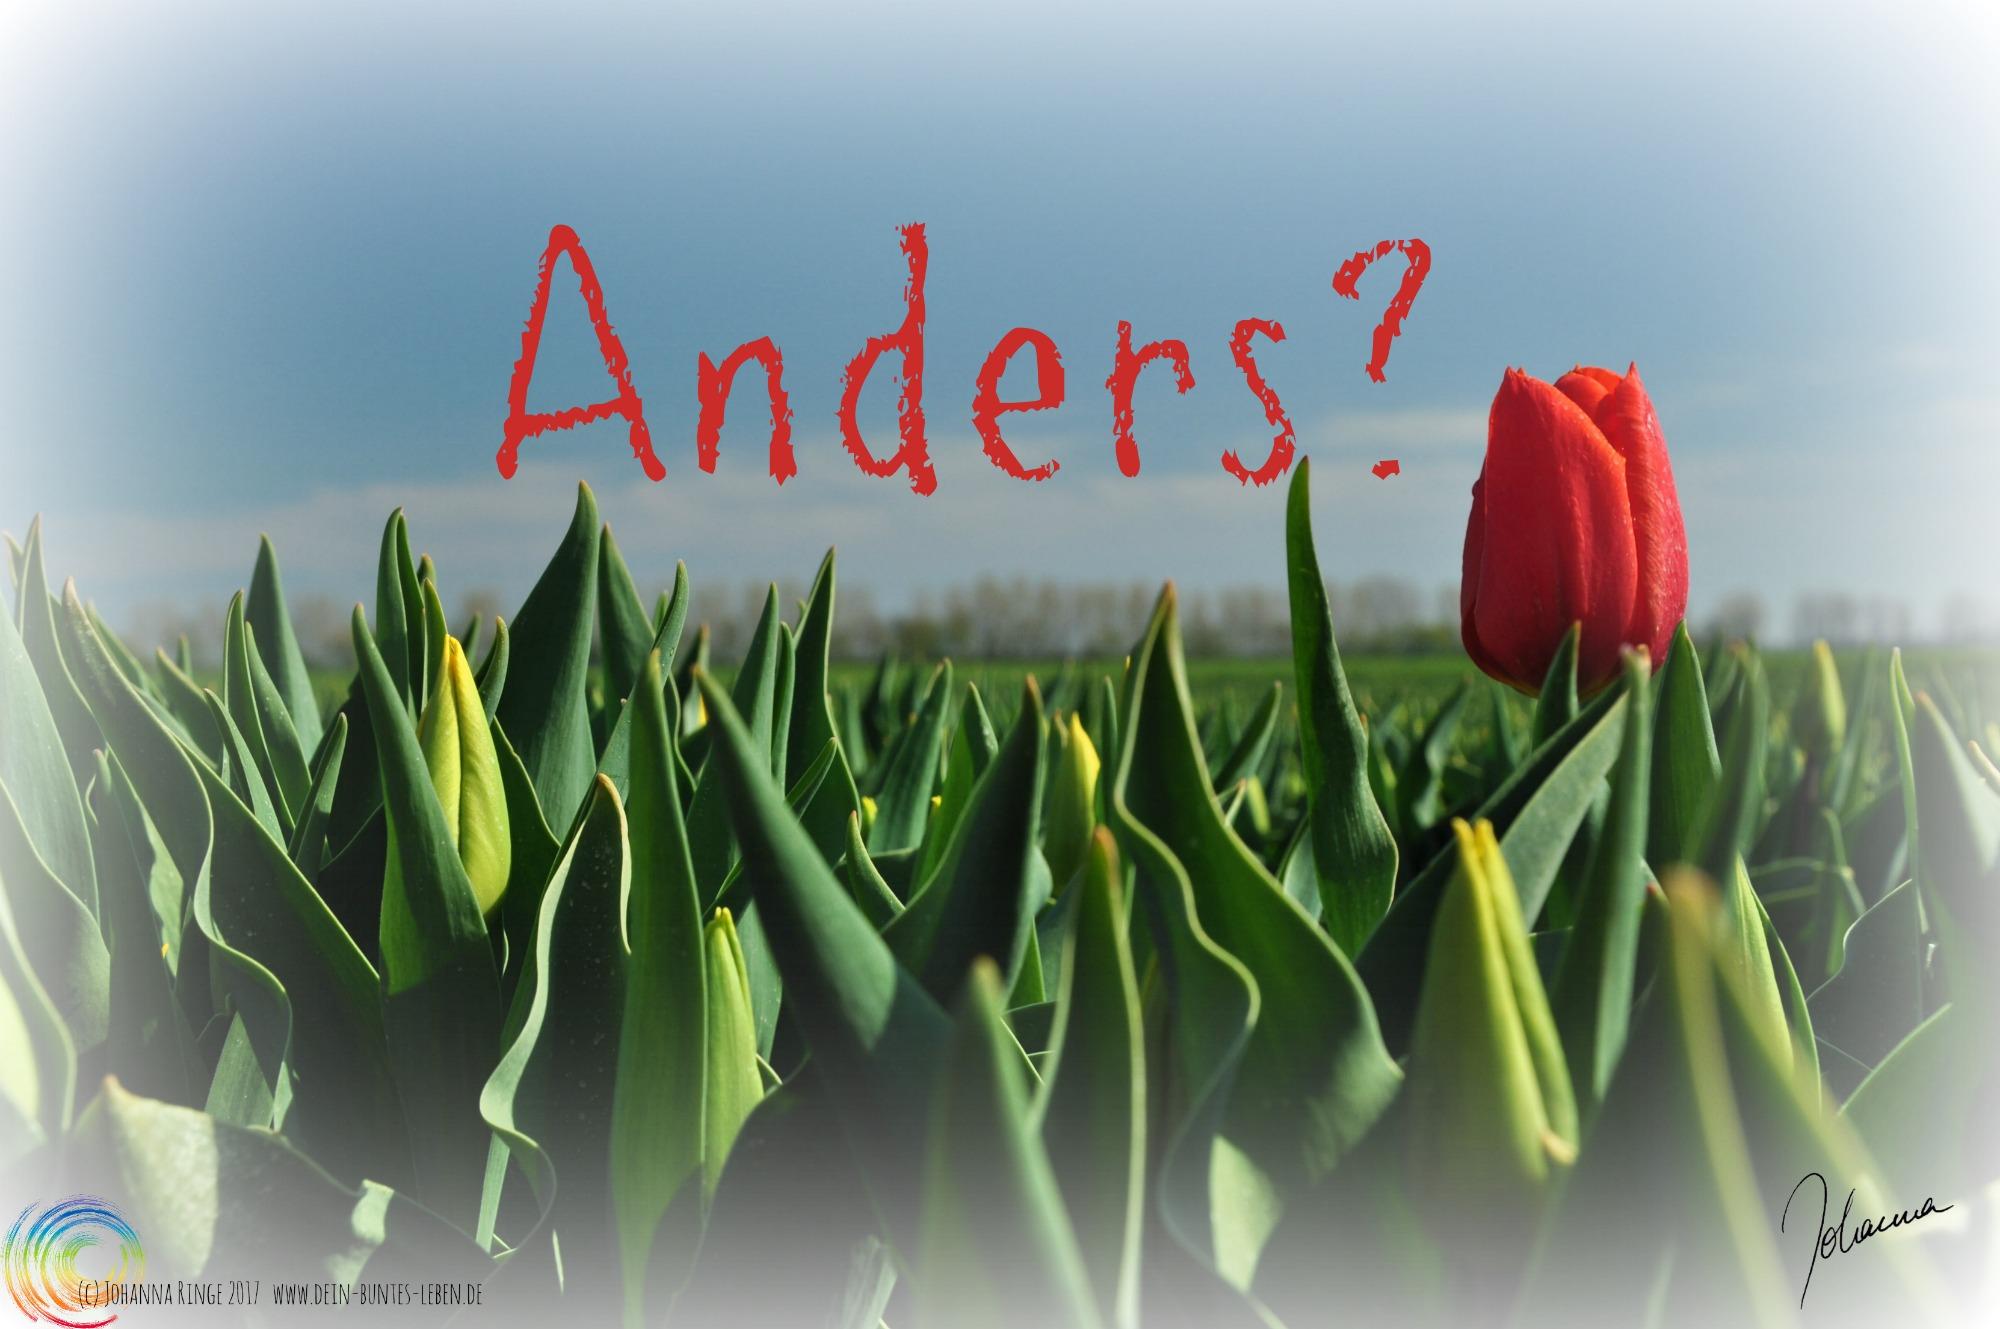 Foto von grünem Feld mit einzelner roter Tulpe, darüber Schriftzug: Anders? (c)2017 Johanna Ringe www.dein-buntes-leben.de